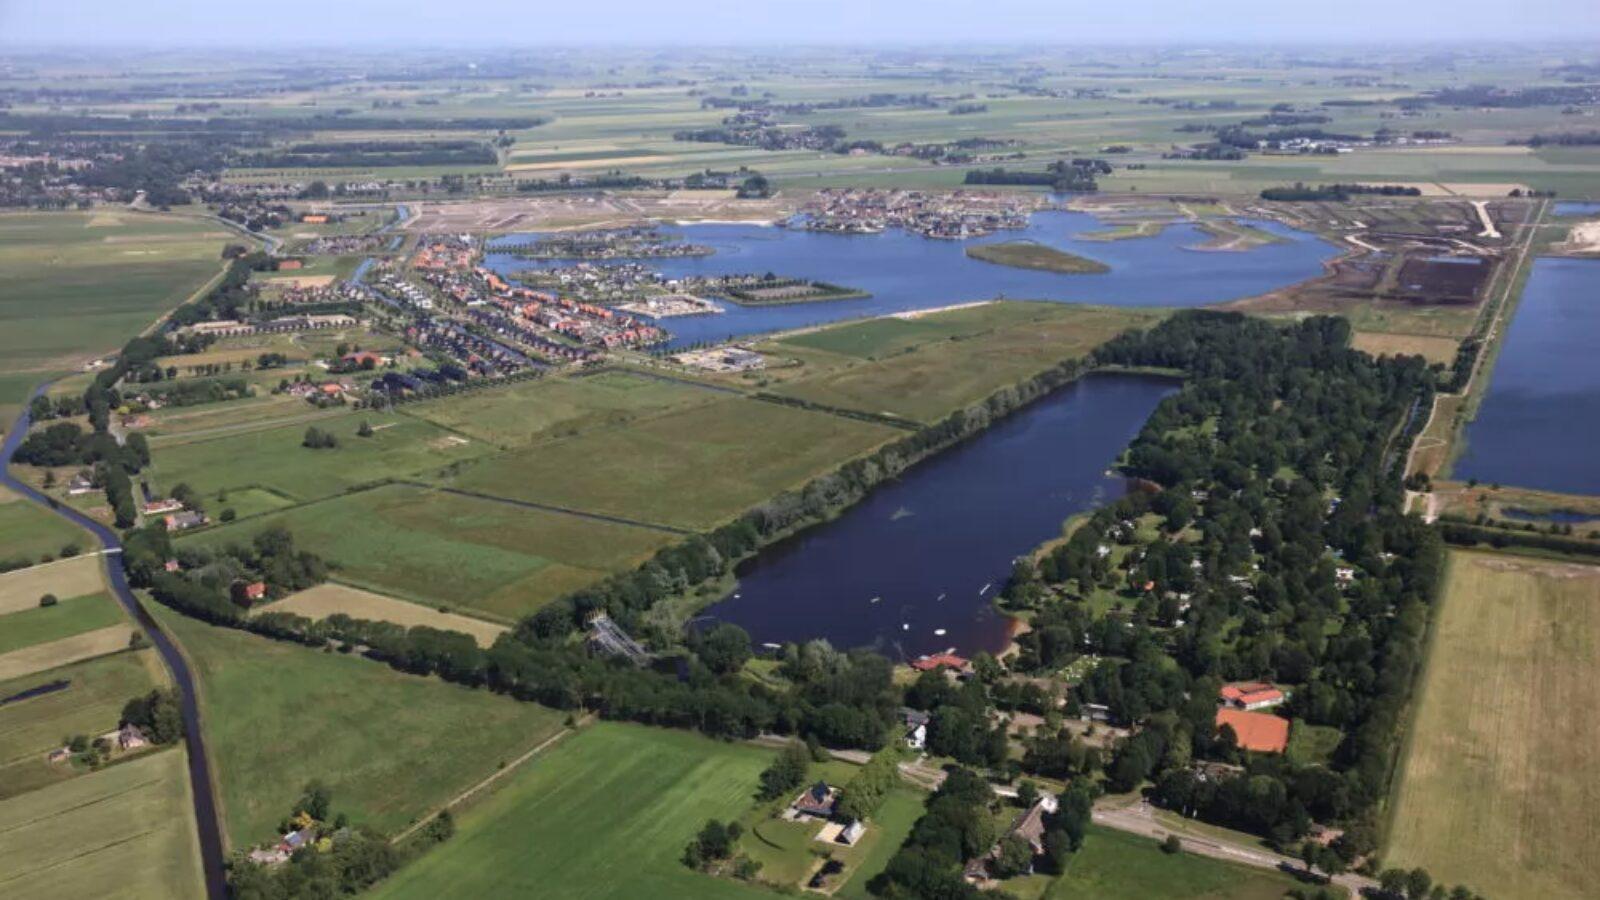 Meerstad en Grunopark werken samen aan een nieuw gebied met woningbouw en recreatie